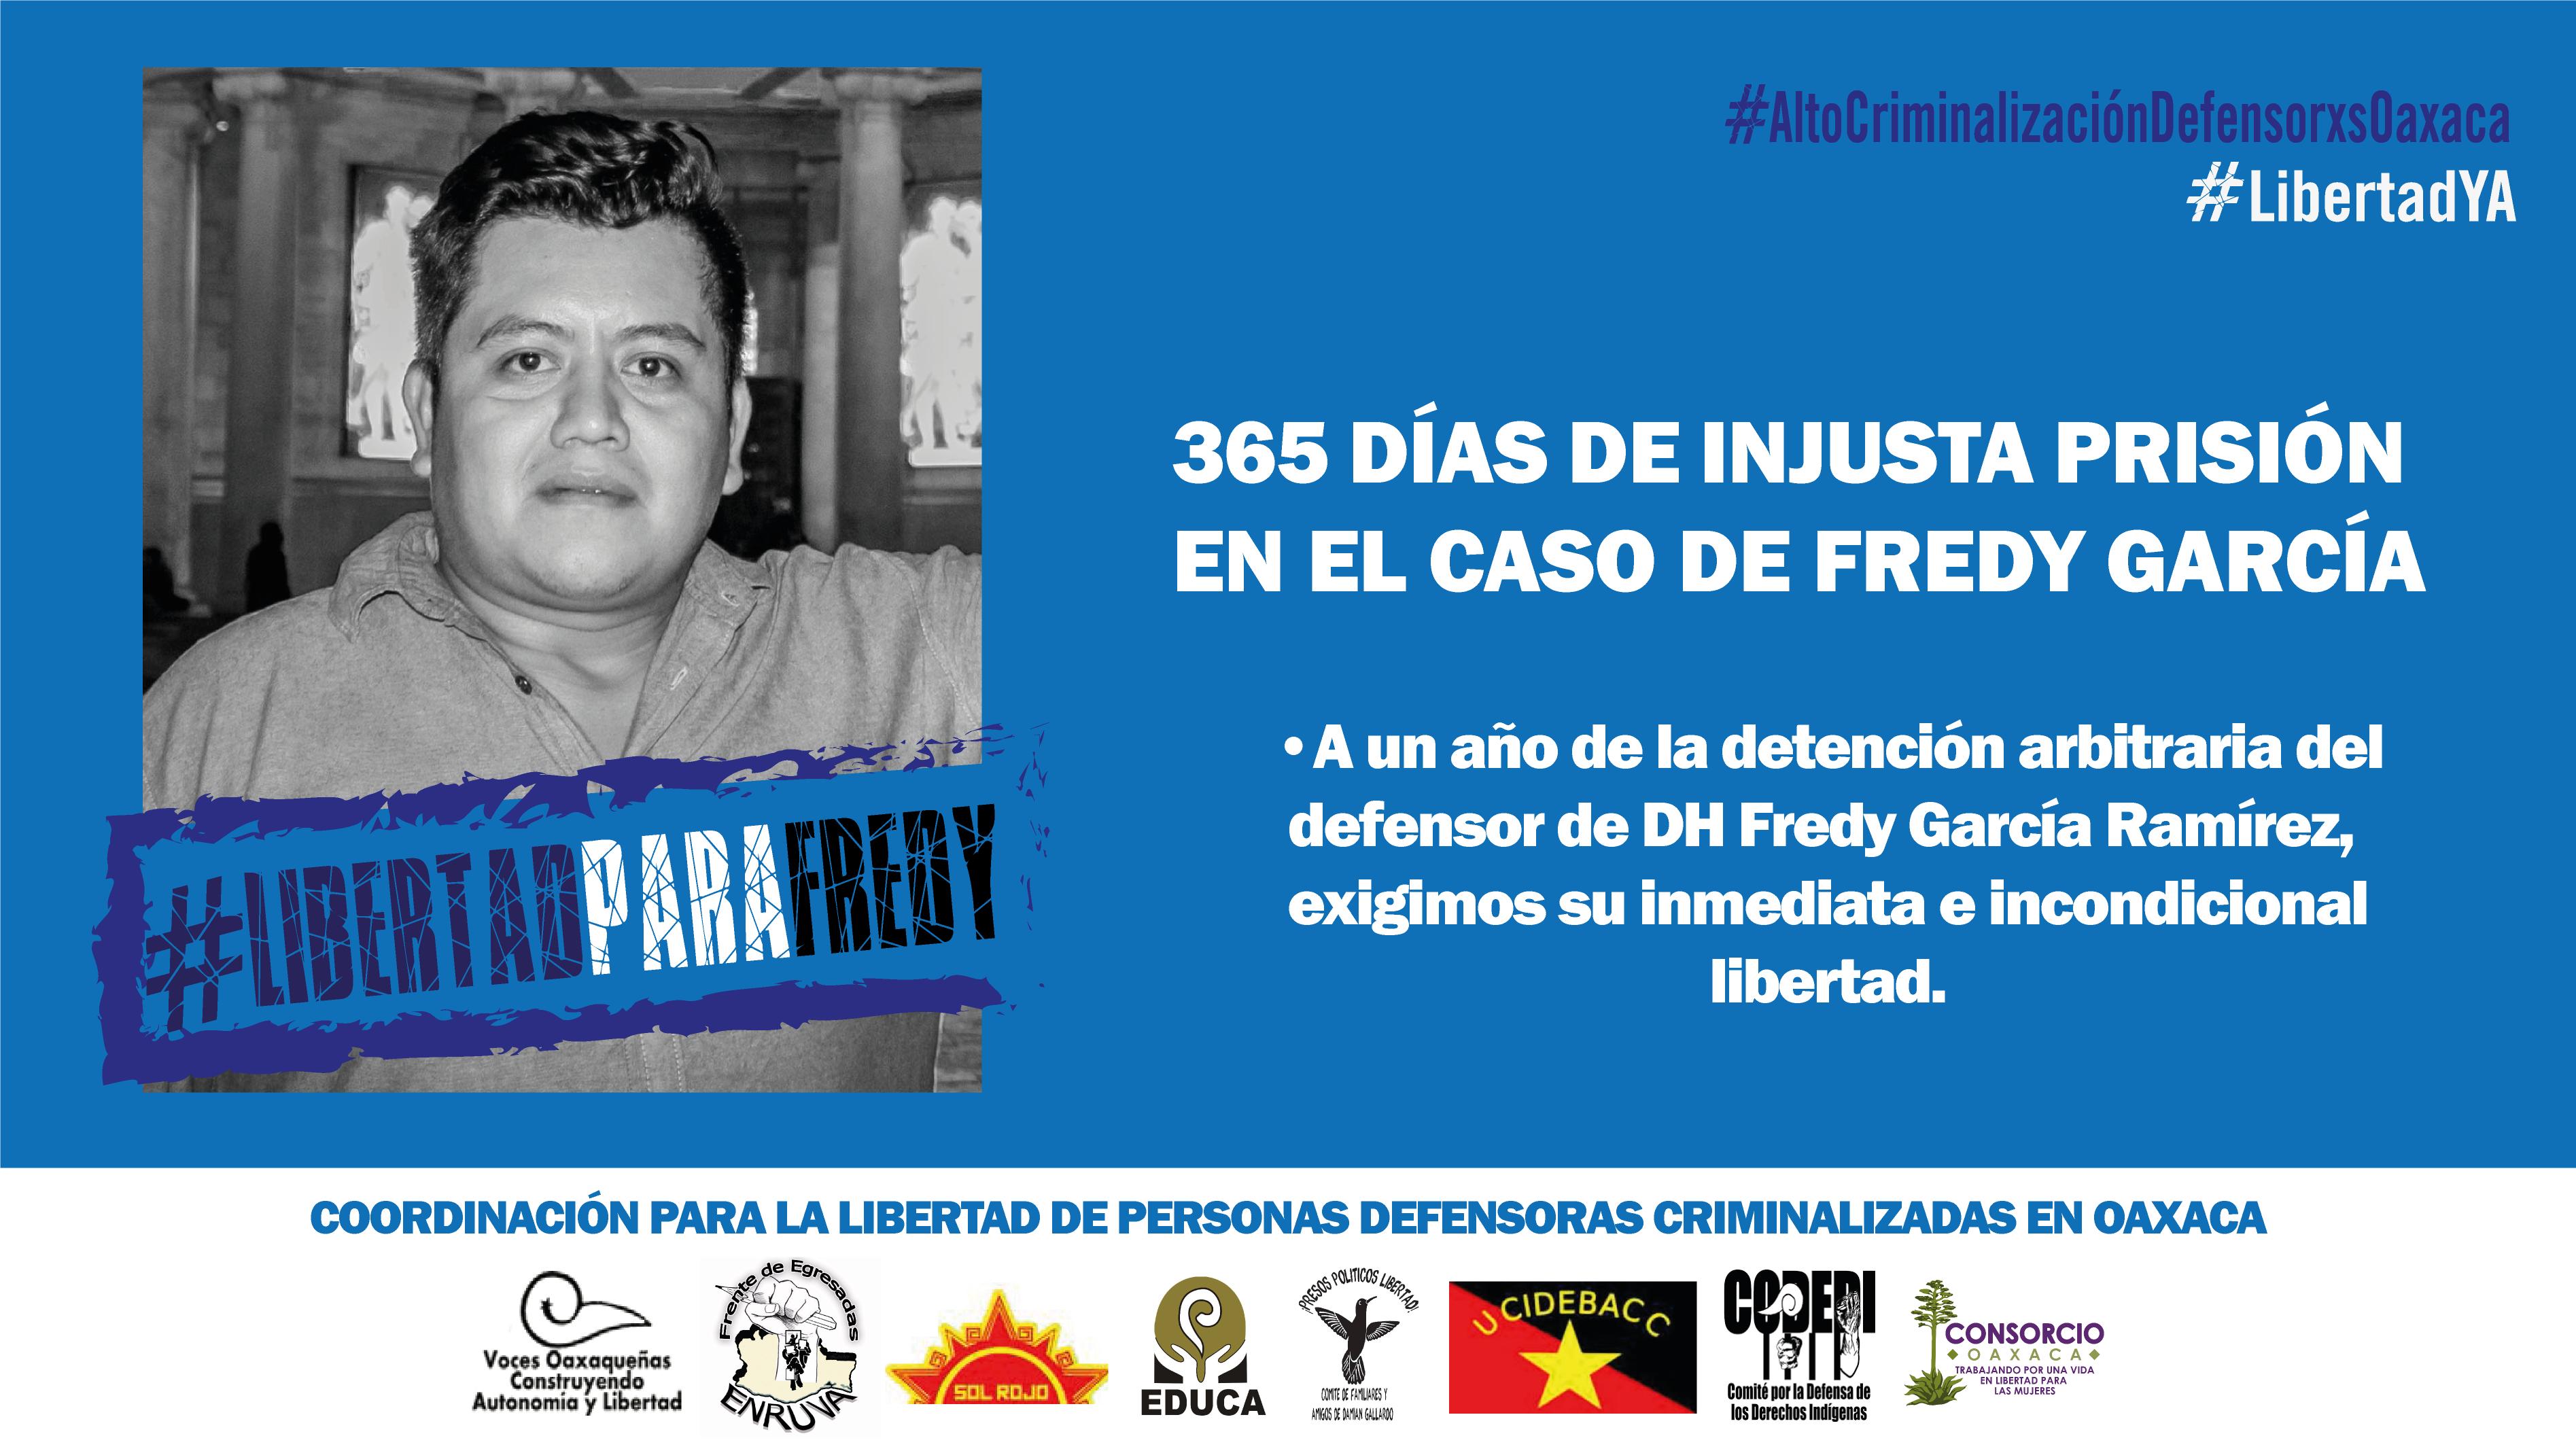 365 días de injusta prisión en el caso de Fredy García